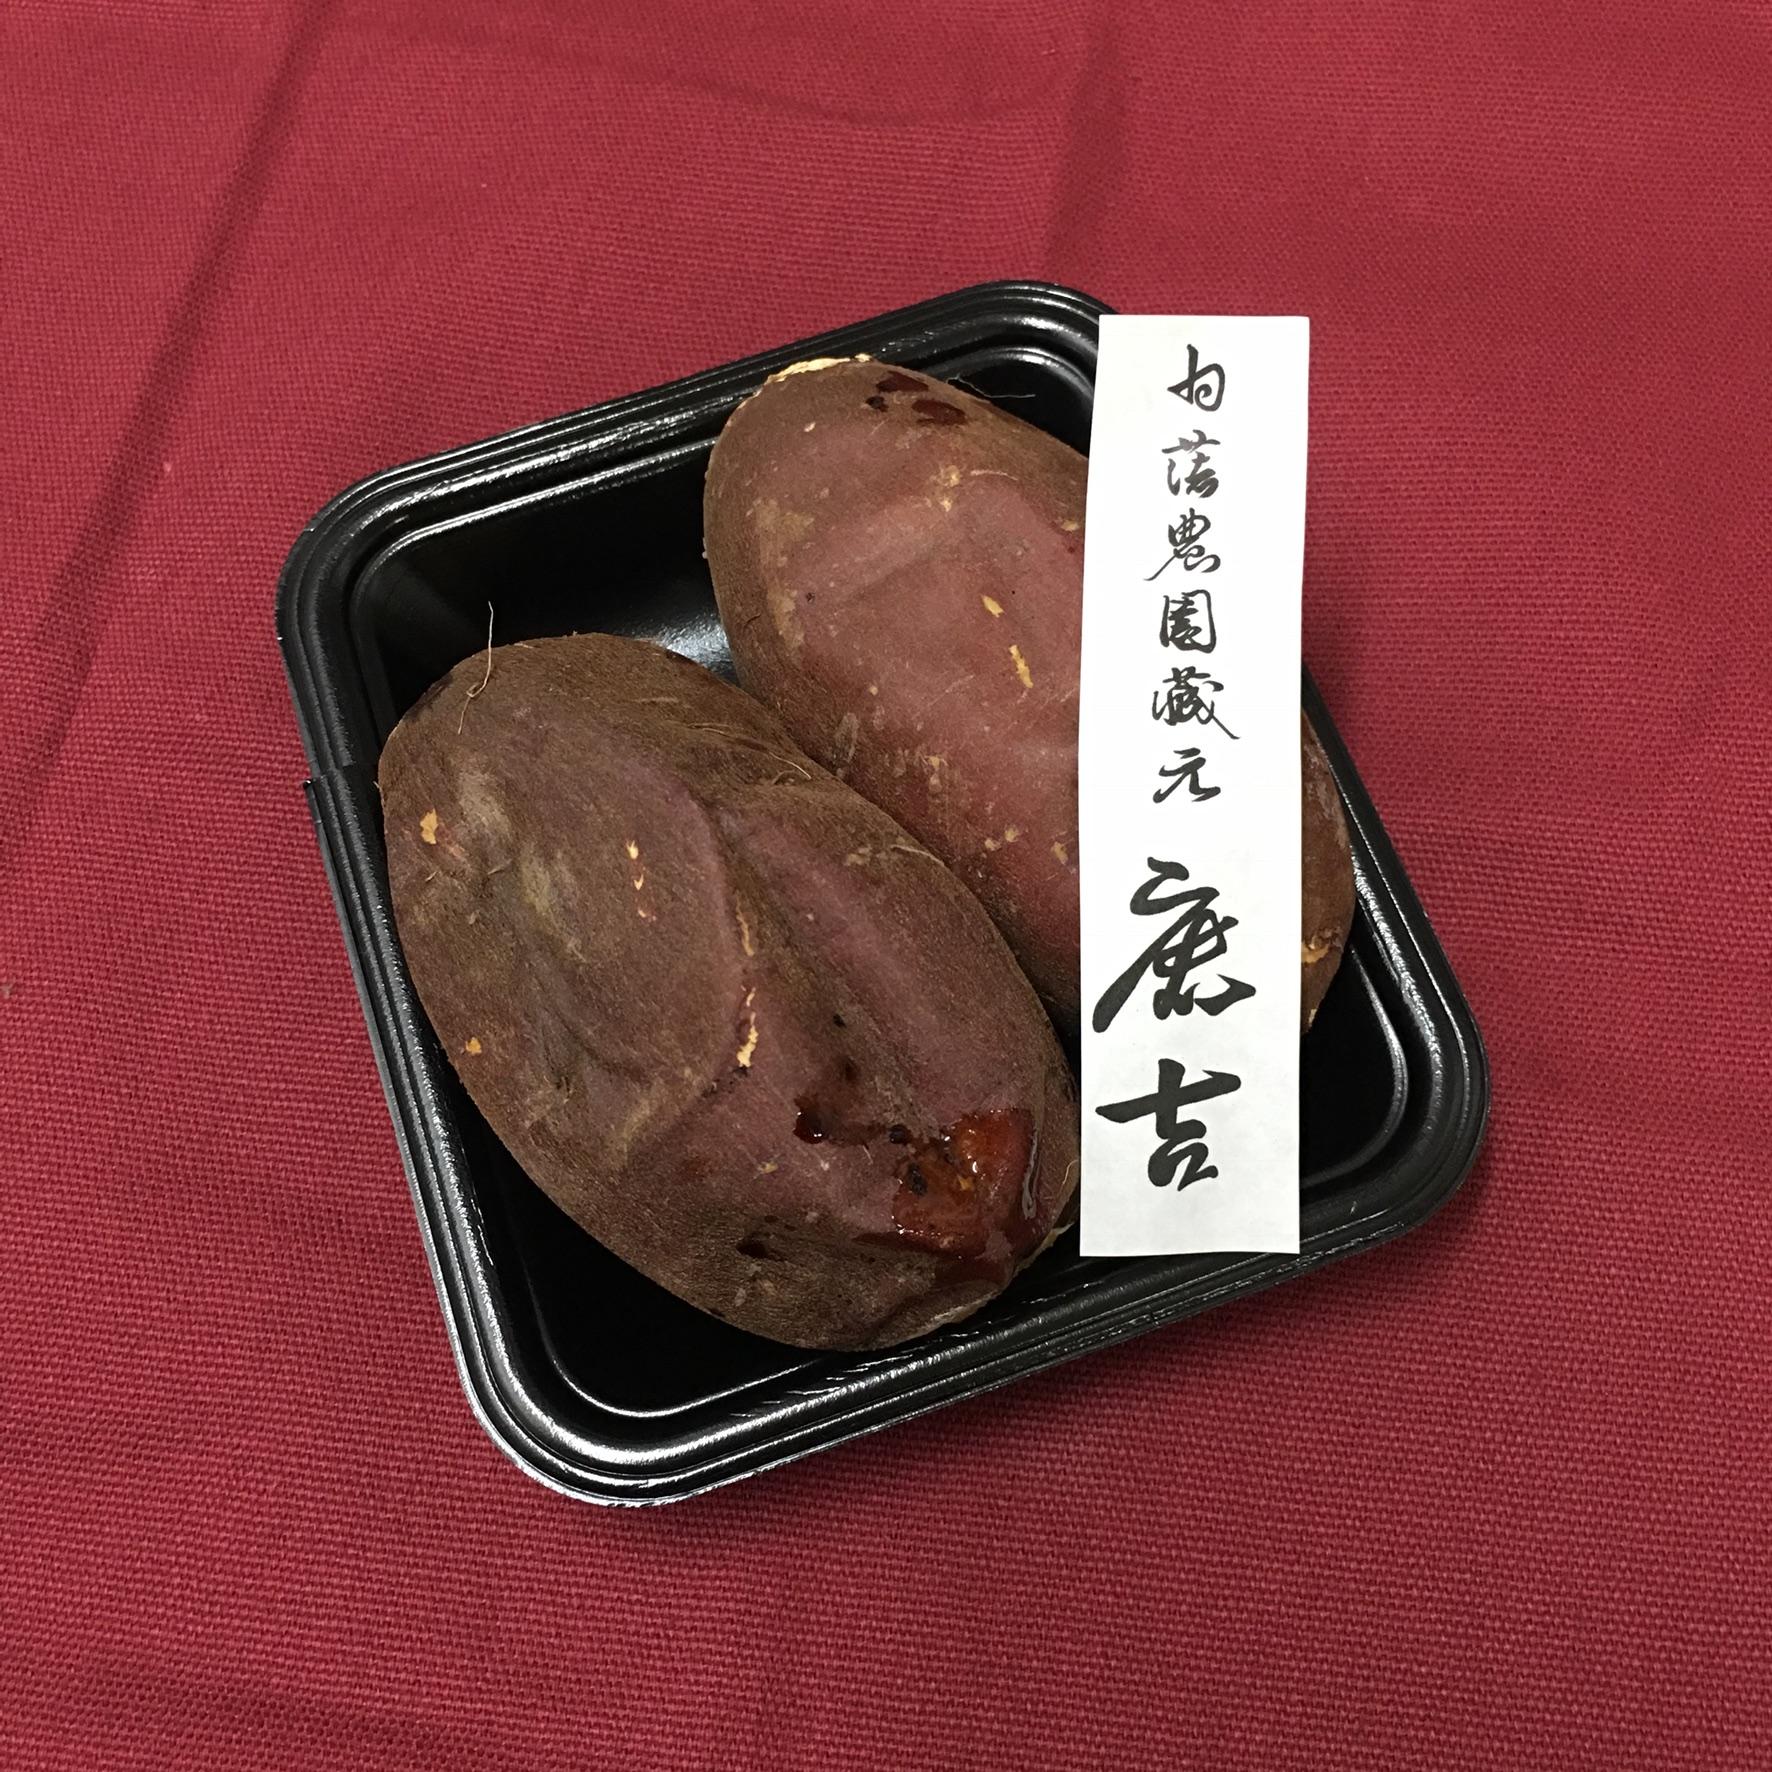 鹿吉の焼き芋はじめました